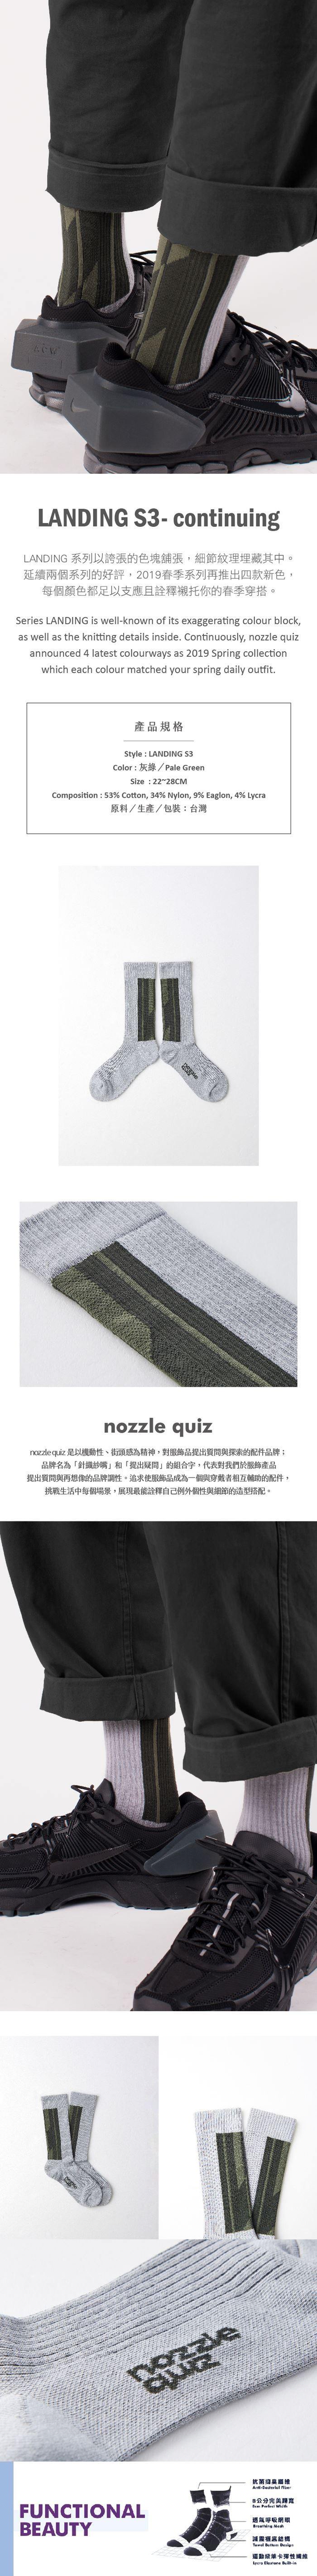 (複製)nozzle quiz│LANDING S3 陽黃 - 中高筒休閒襪